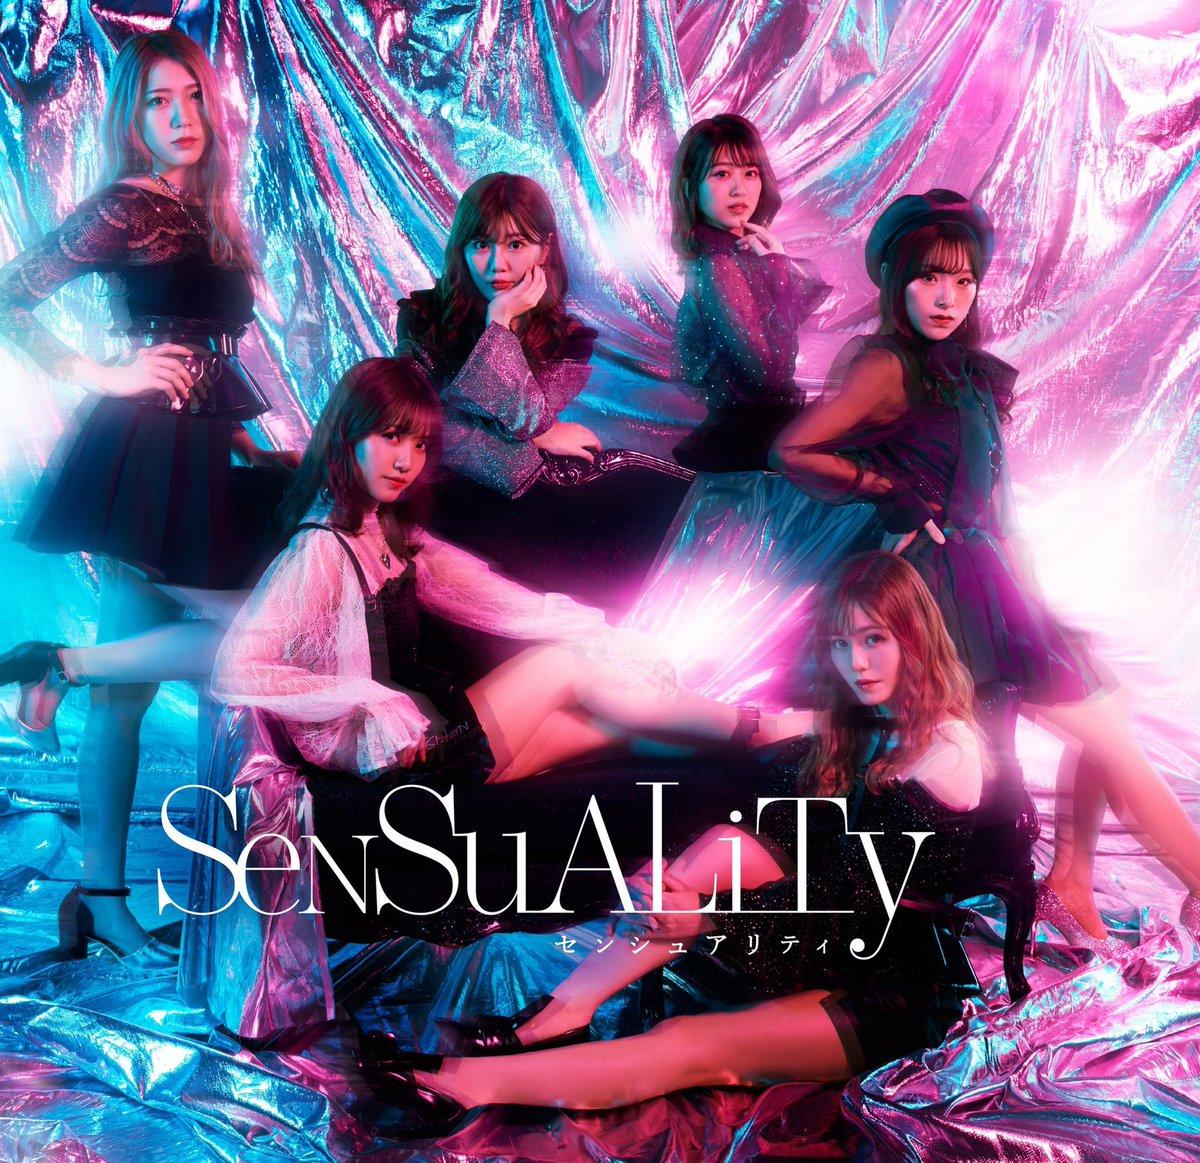 私達のユニット名は「#SENSUALITY」だそうです💋2020年11月29日(日)12:30~ついにユニットLIVEが出来るのが凄く嬉しいです✨みなさん絶対観てください↓💜